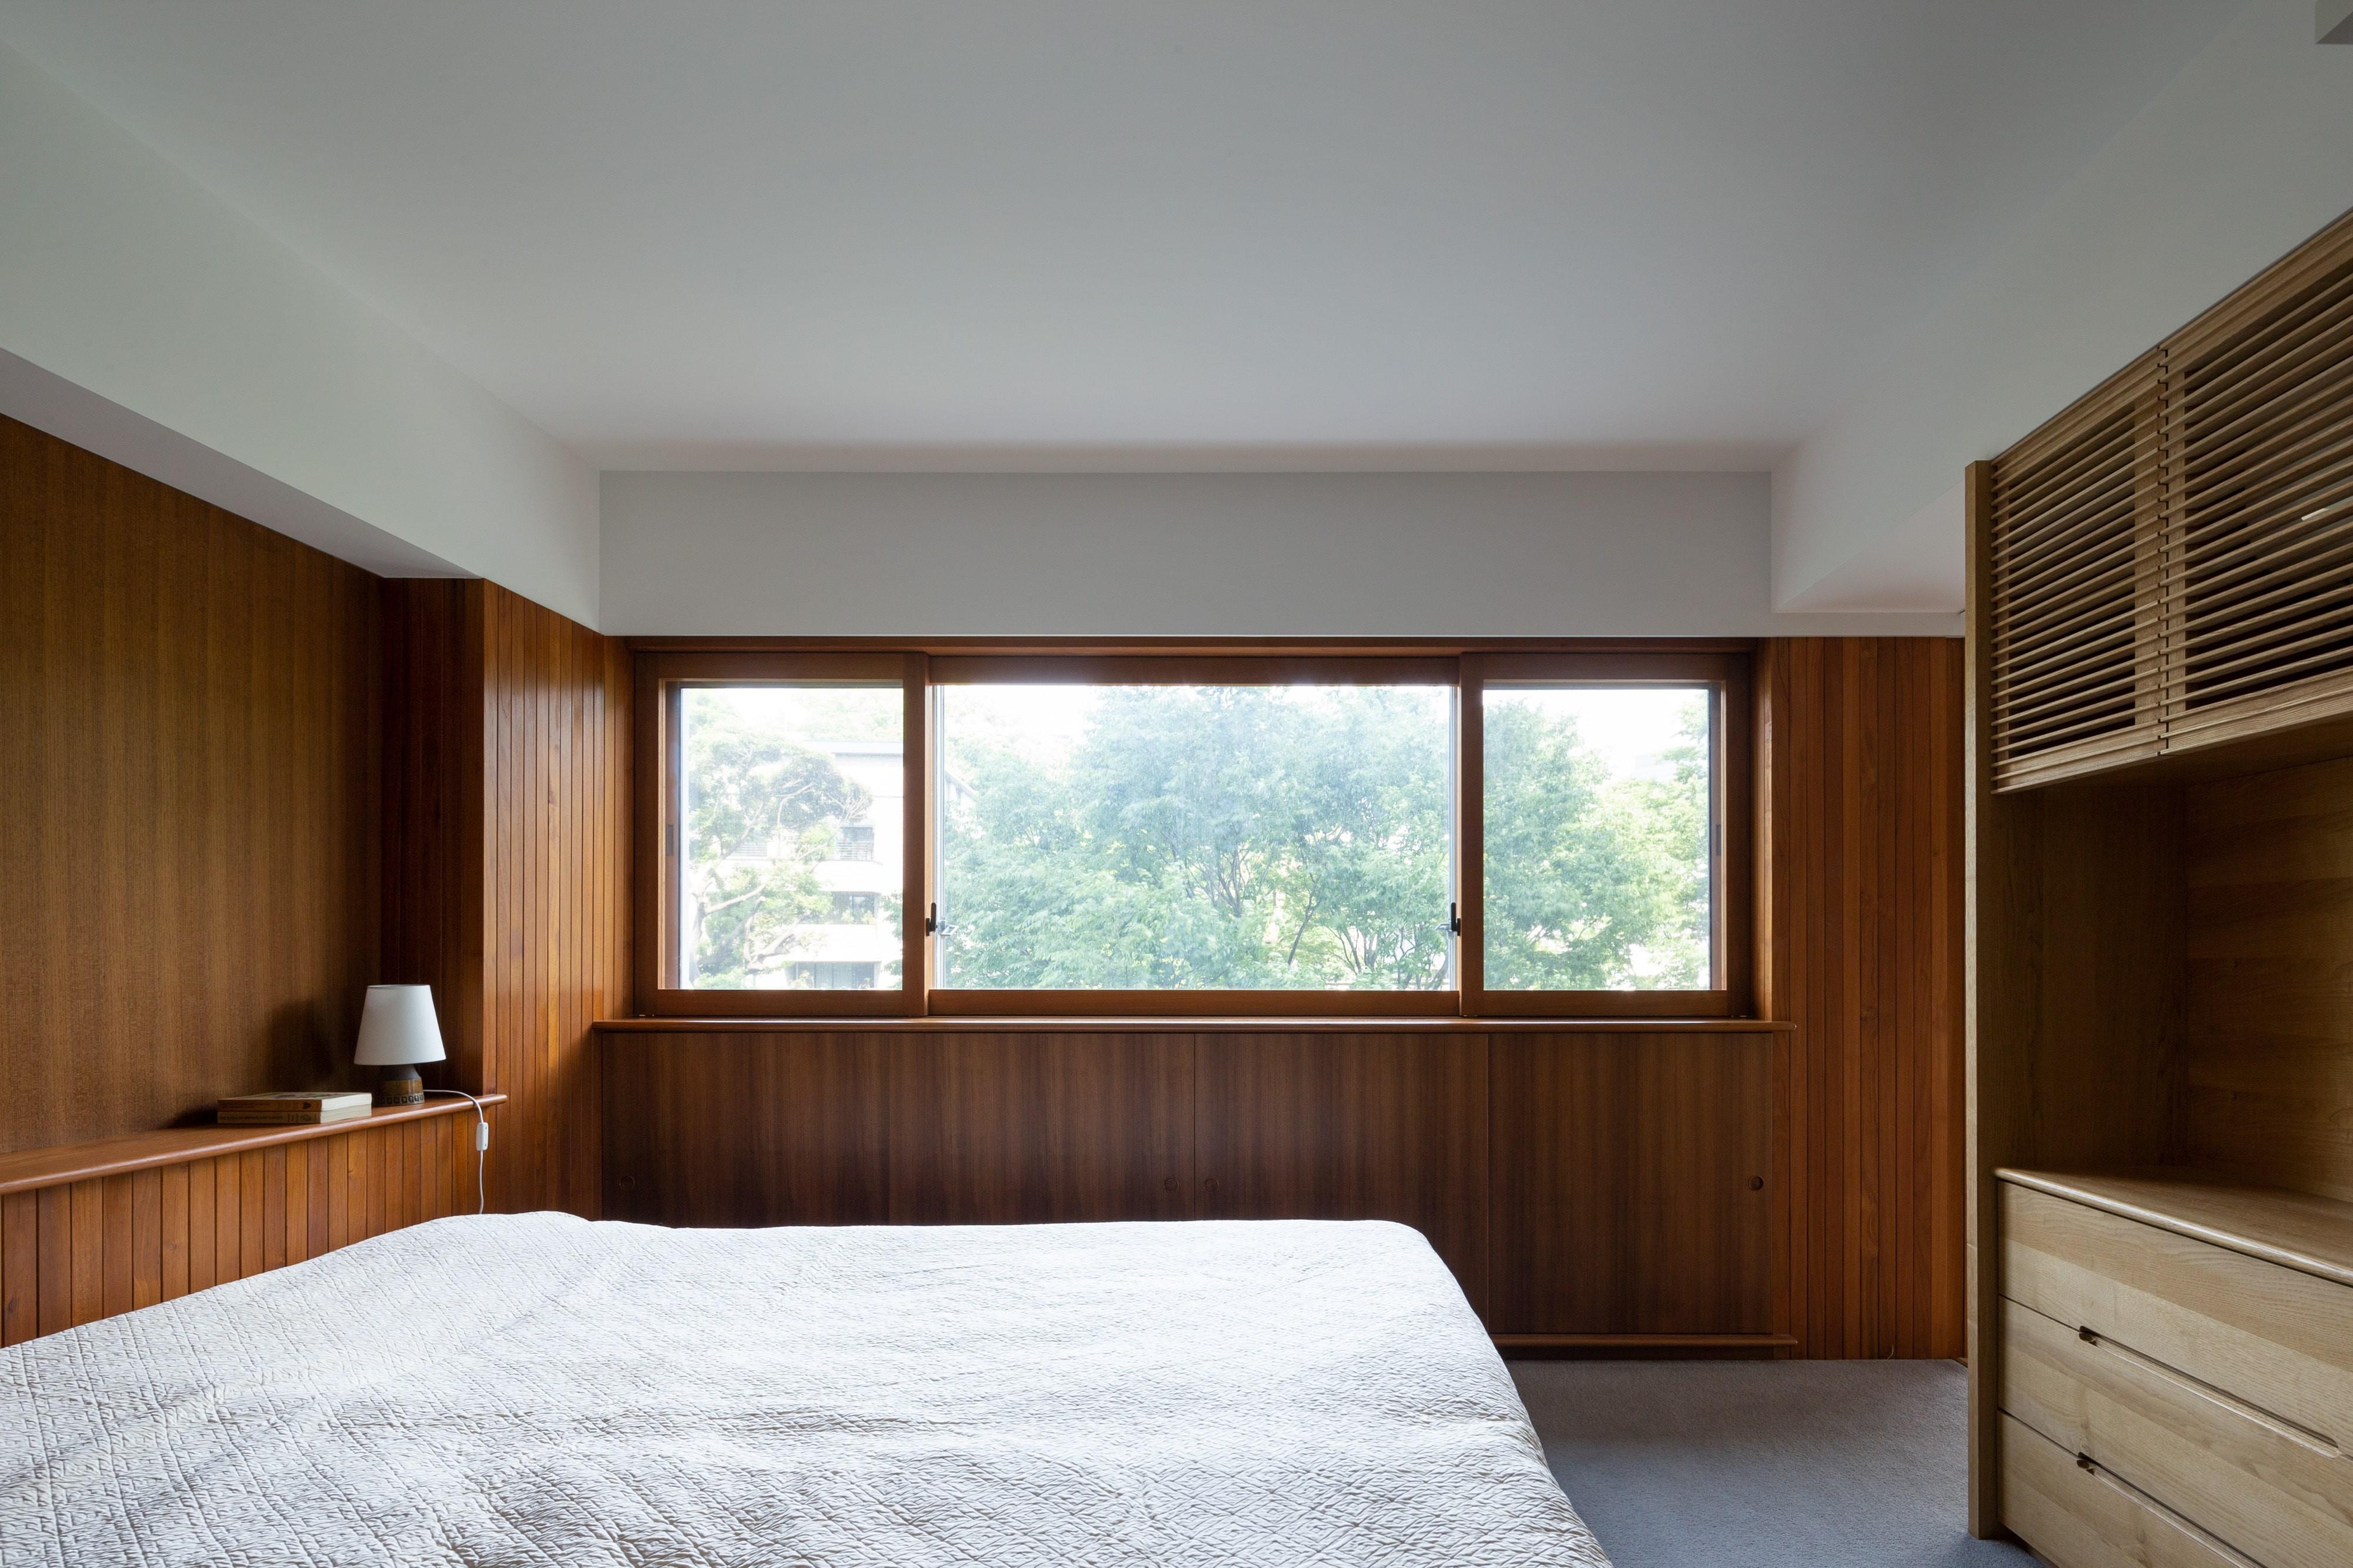 ベッドルーム事例:三田綱町の家 寝室(三田綱町の家)